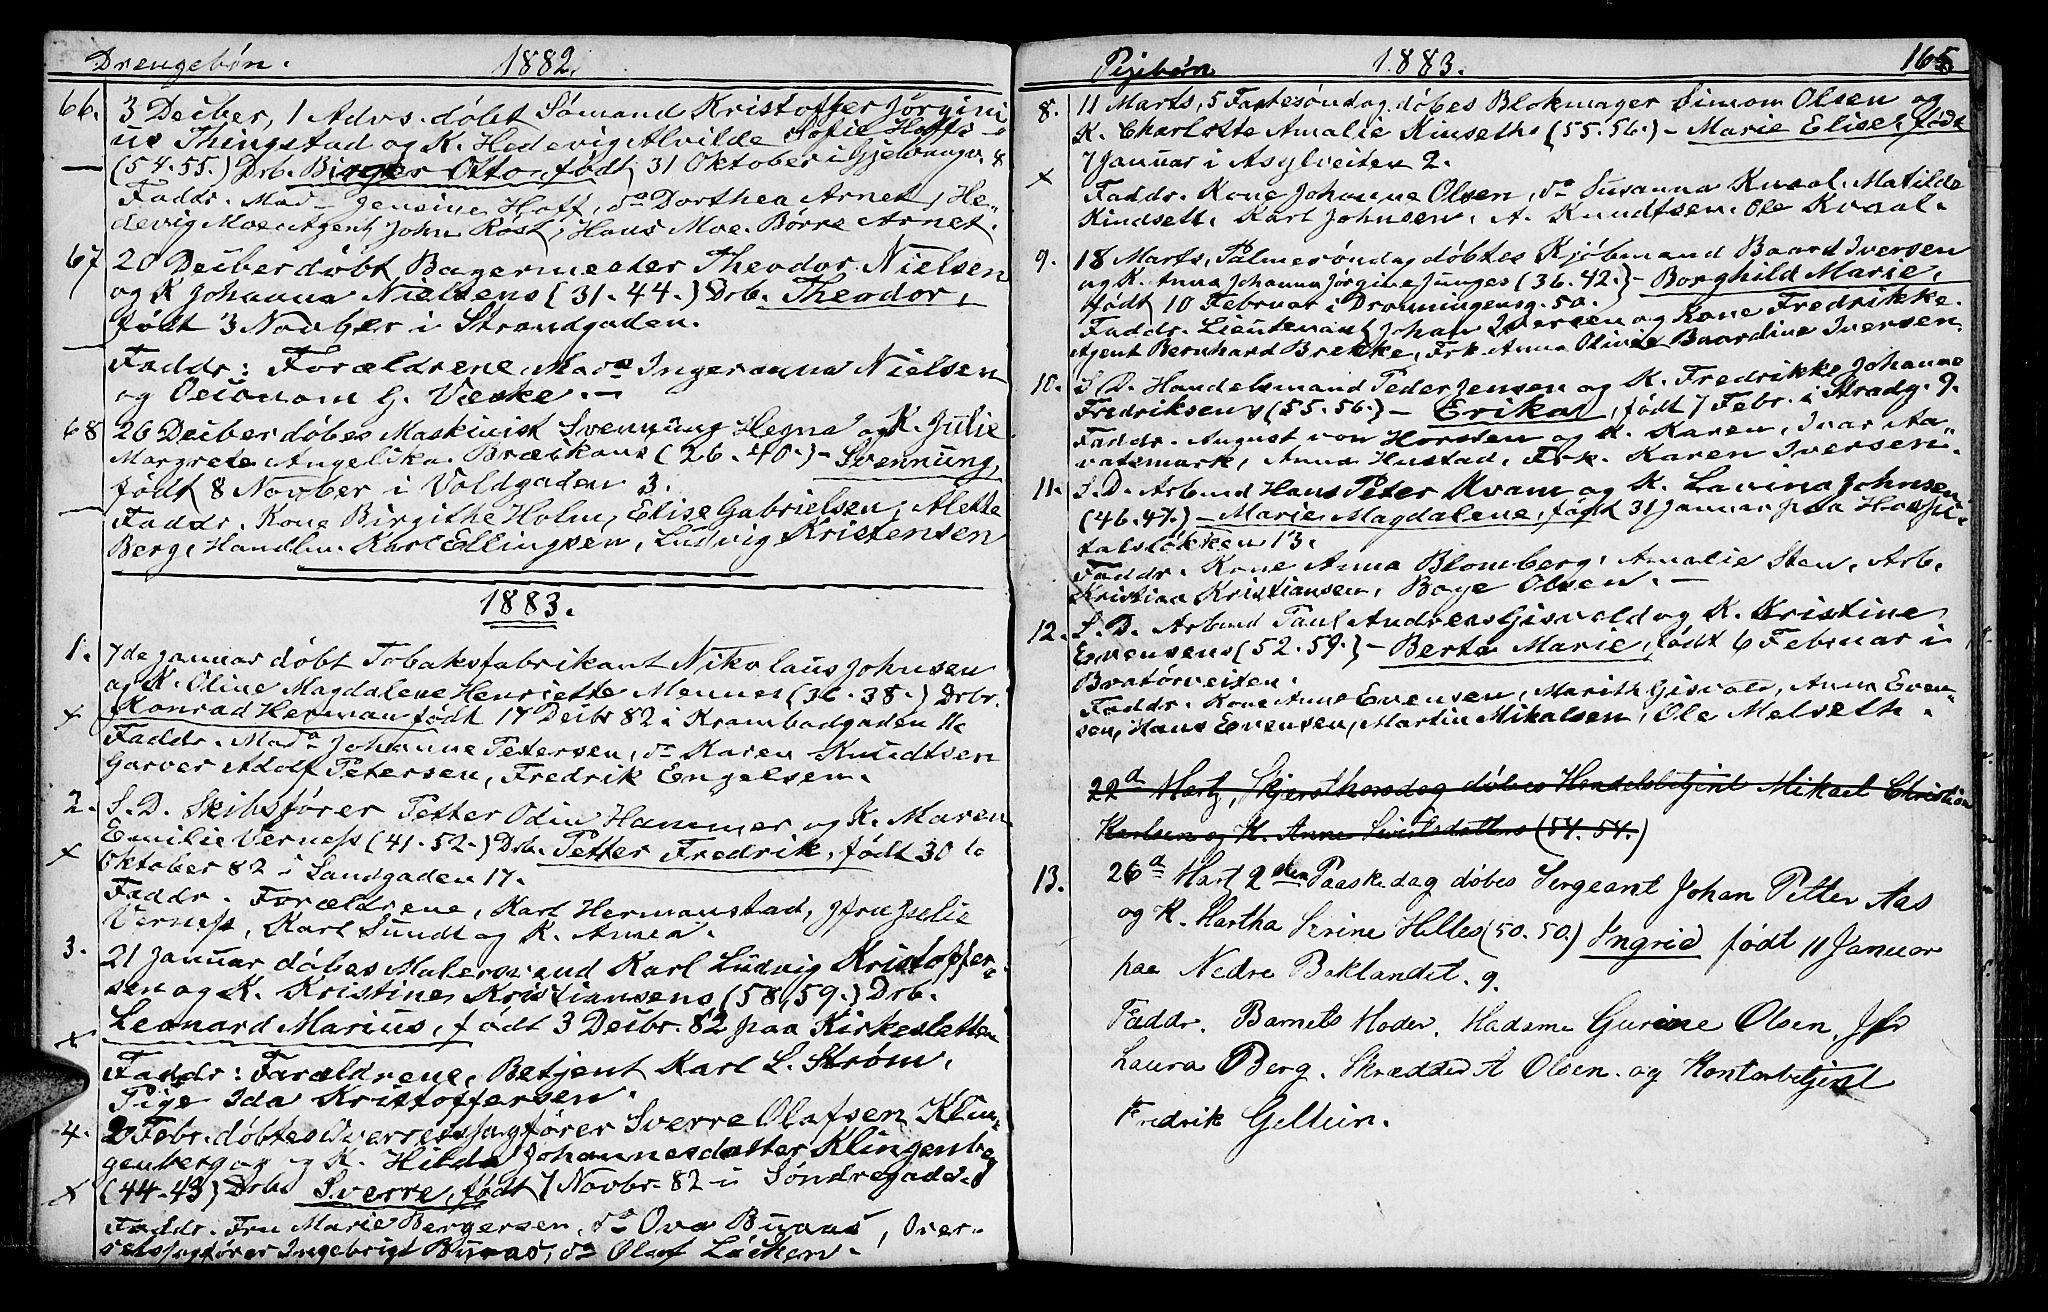 SAT, Ministerialprotokoller, klokkerbøker og fødselsregistre - Sør-Trøndelag, 602/L0142: Klokkerbok nr. 602C10, 1872-1894, s. 165